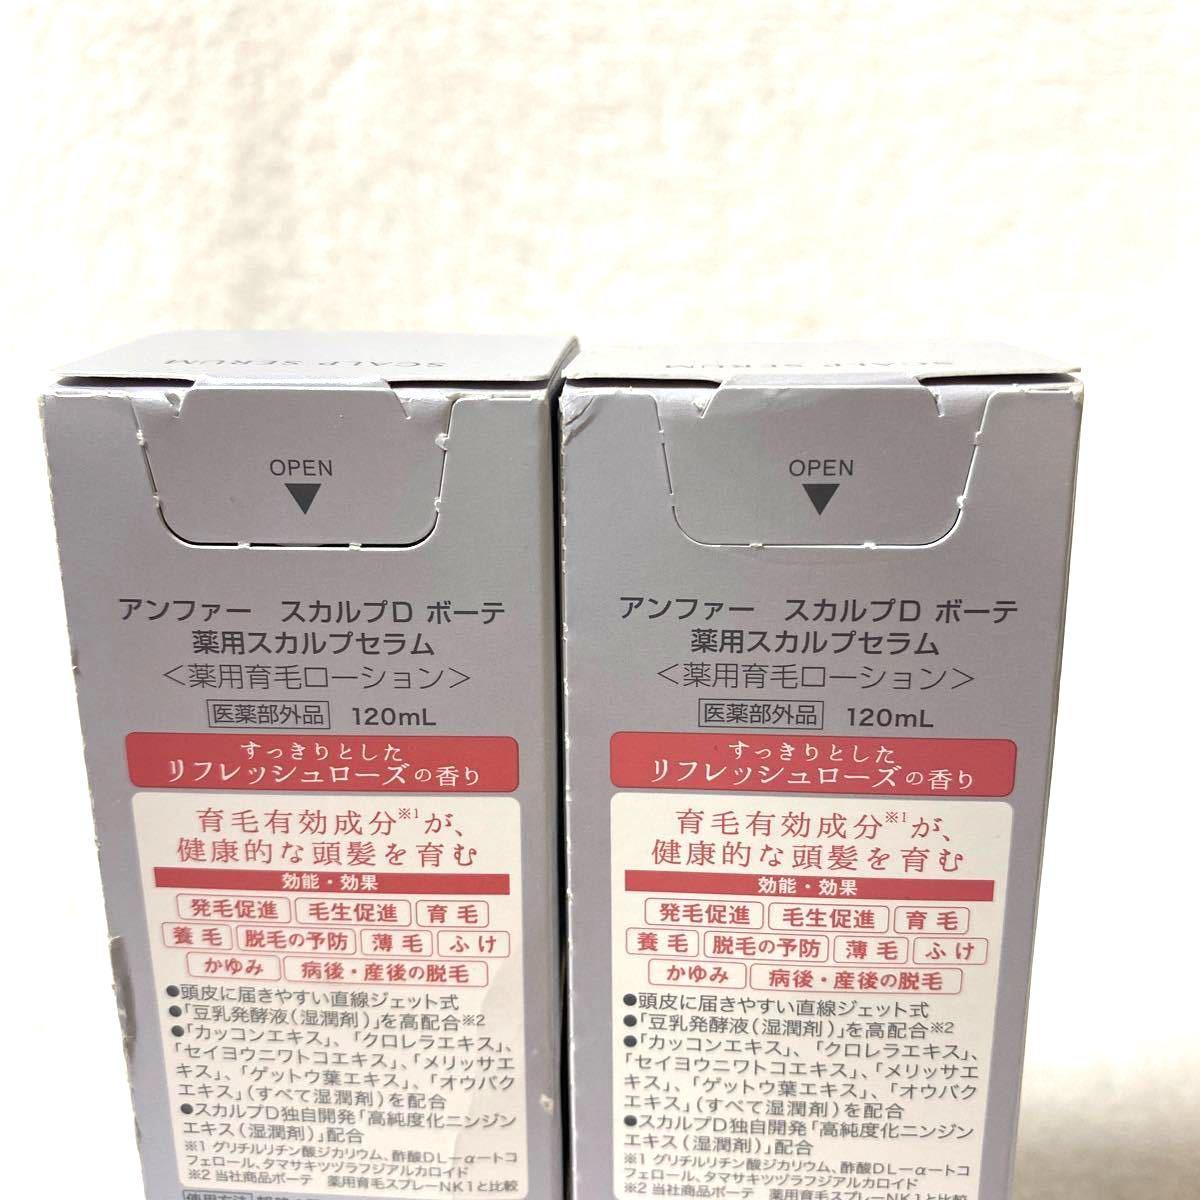 アンファー スカルプD ボーテ 薬用スカルプセラム 女性用 薬用育毛ローション 120ml  ×2本セット